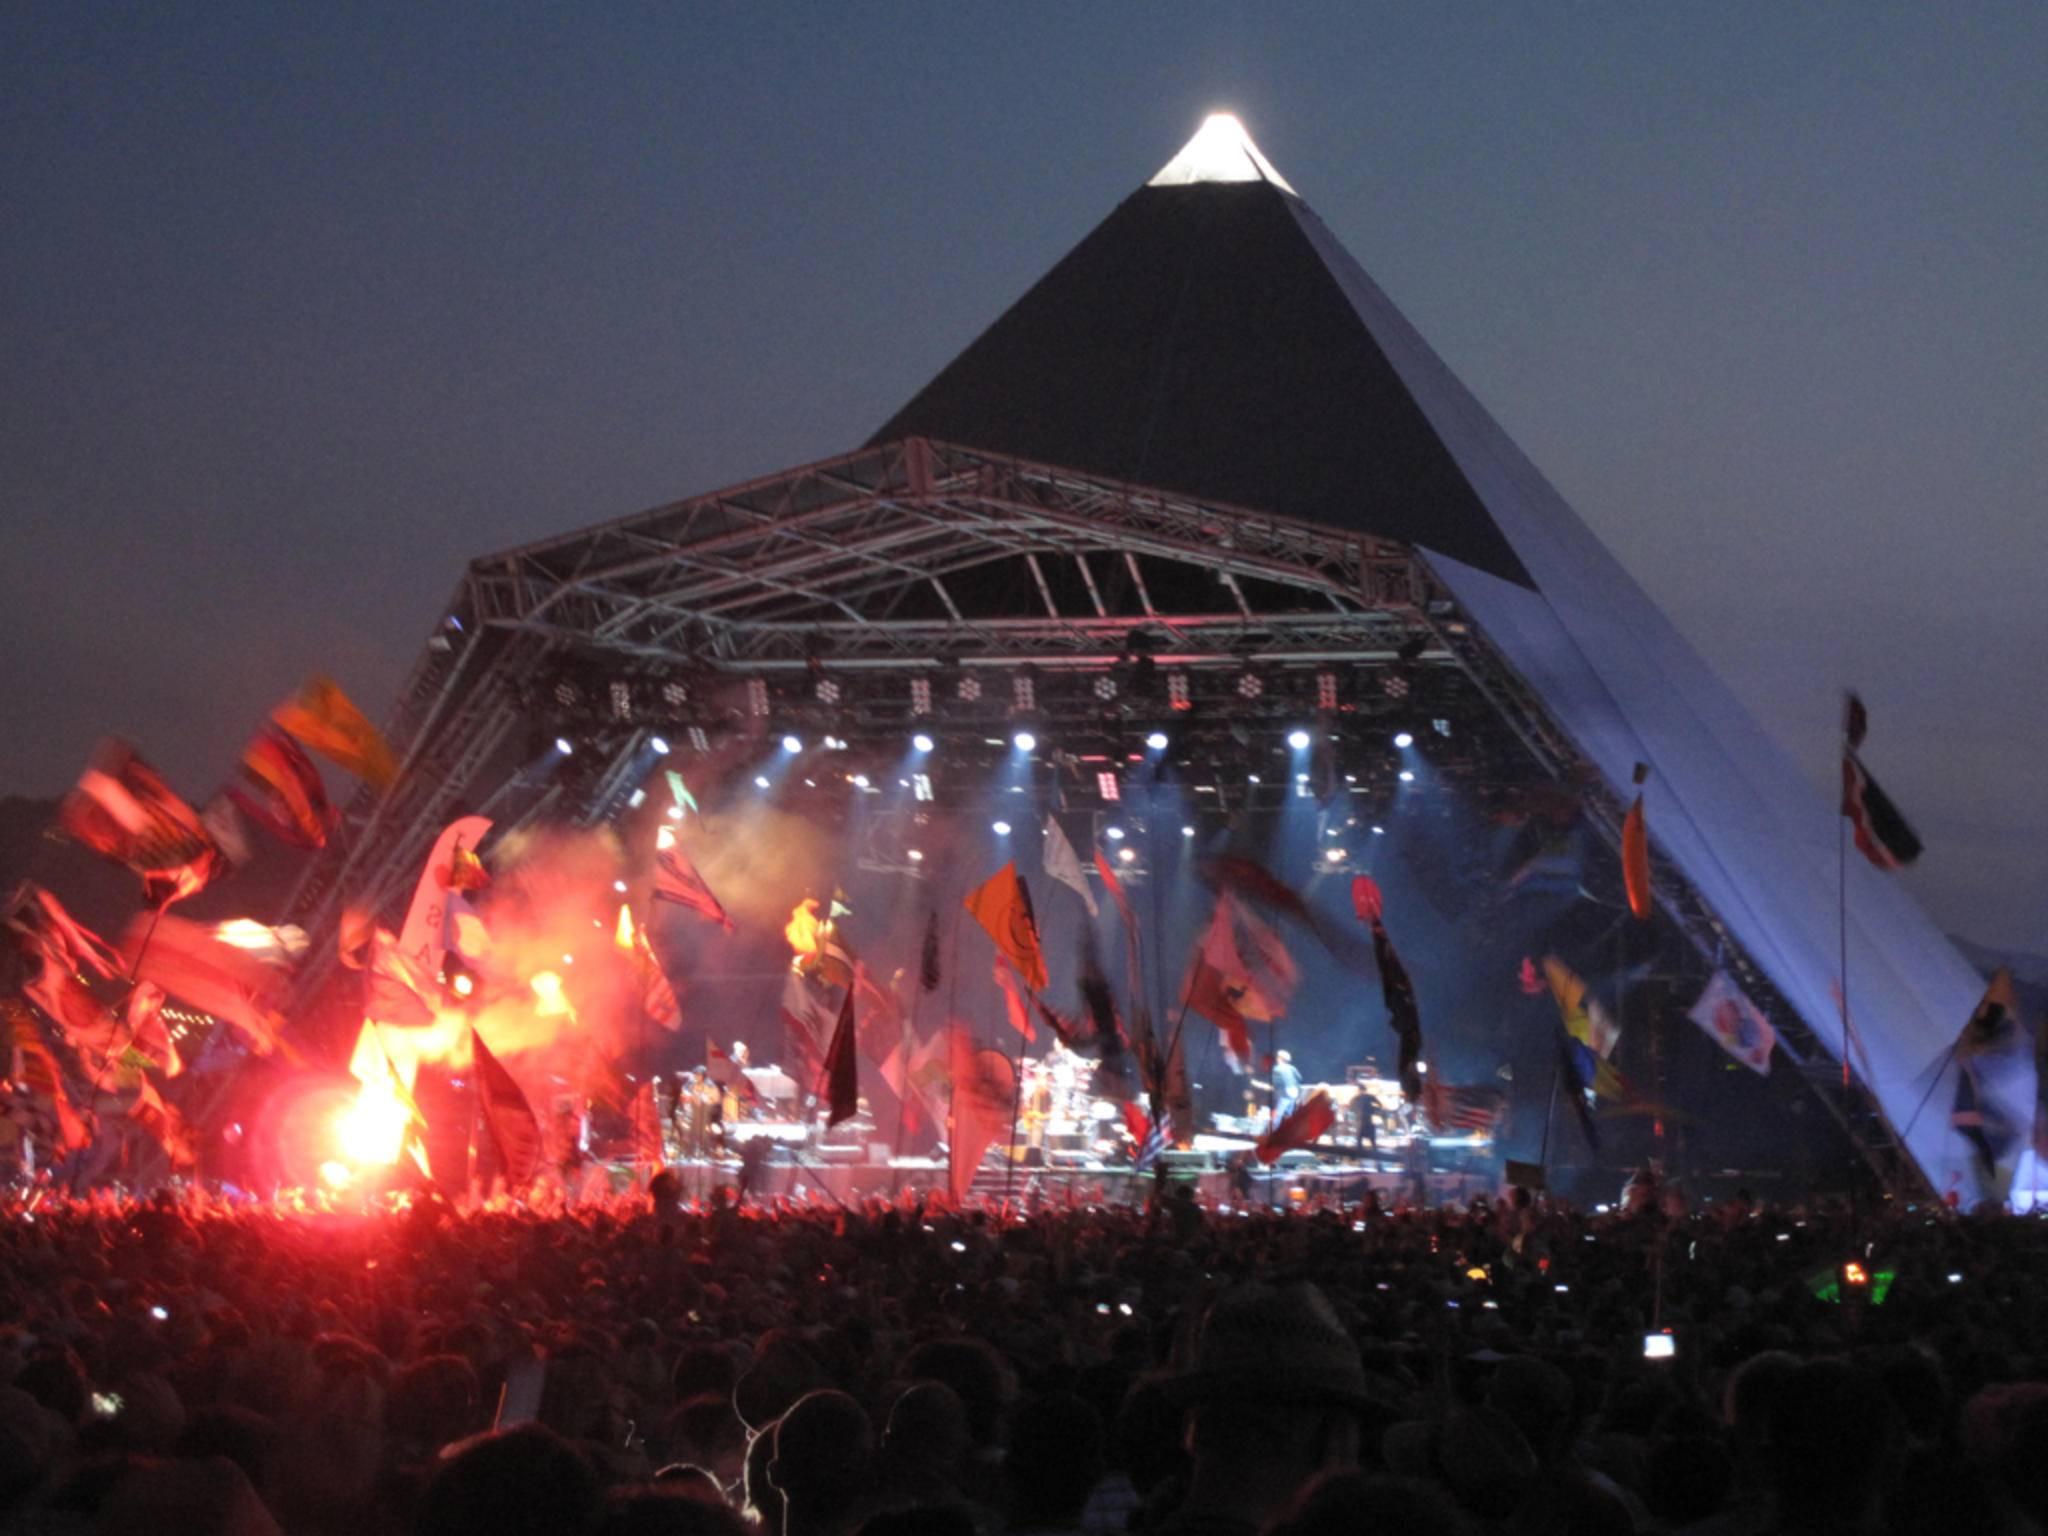 Zieht das Glastonbury Festival 2019 um? Ein Radiointerview mit Gründer Michael Eavis erweckte diesen Eindruck...